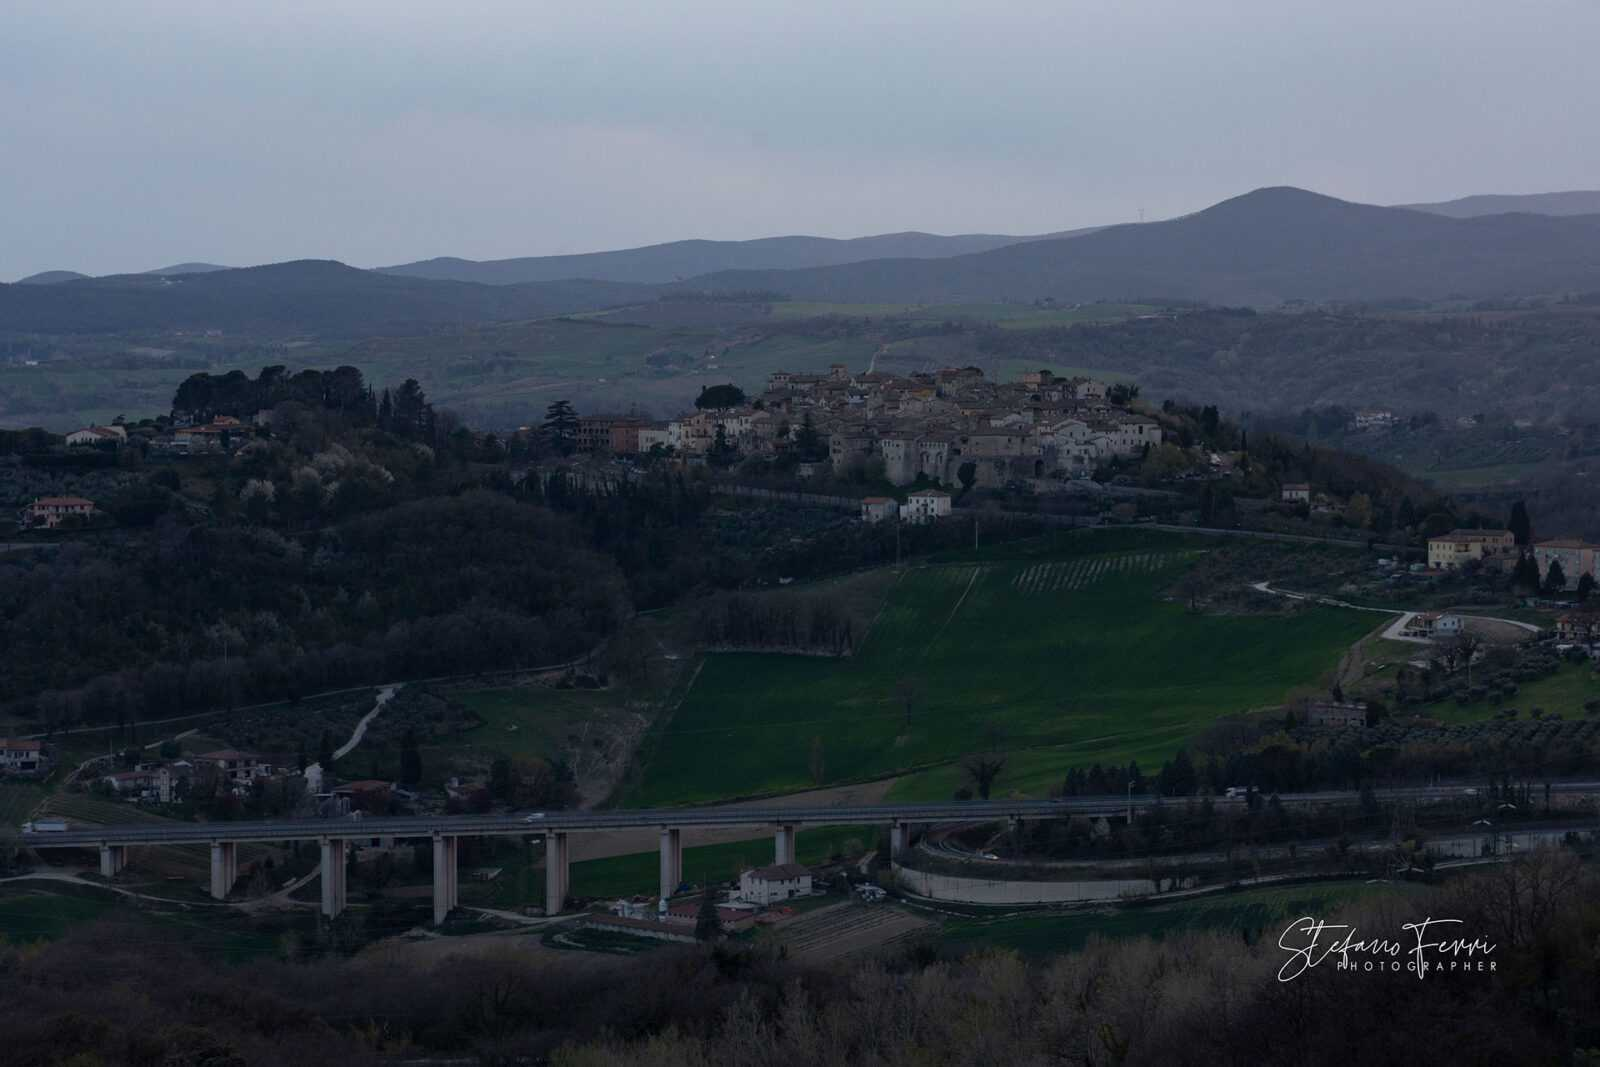 La città di San Gemini, Umbria, panorama Est